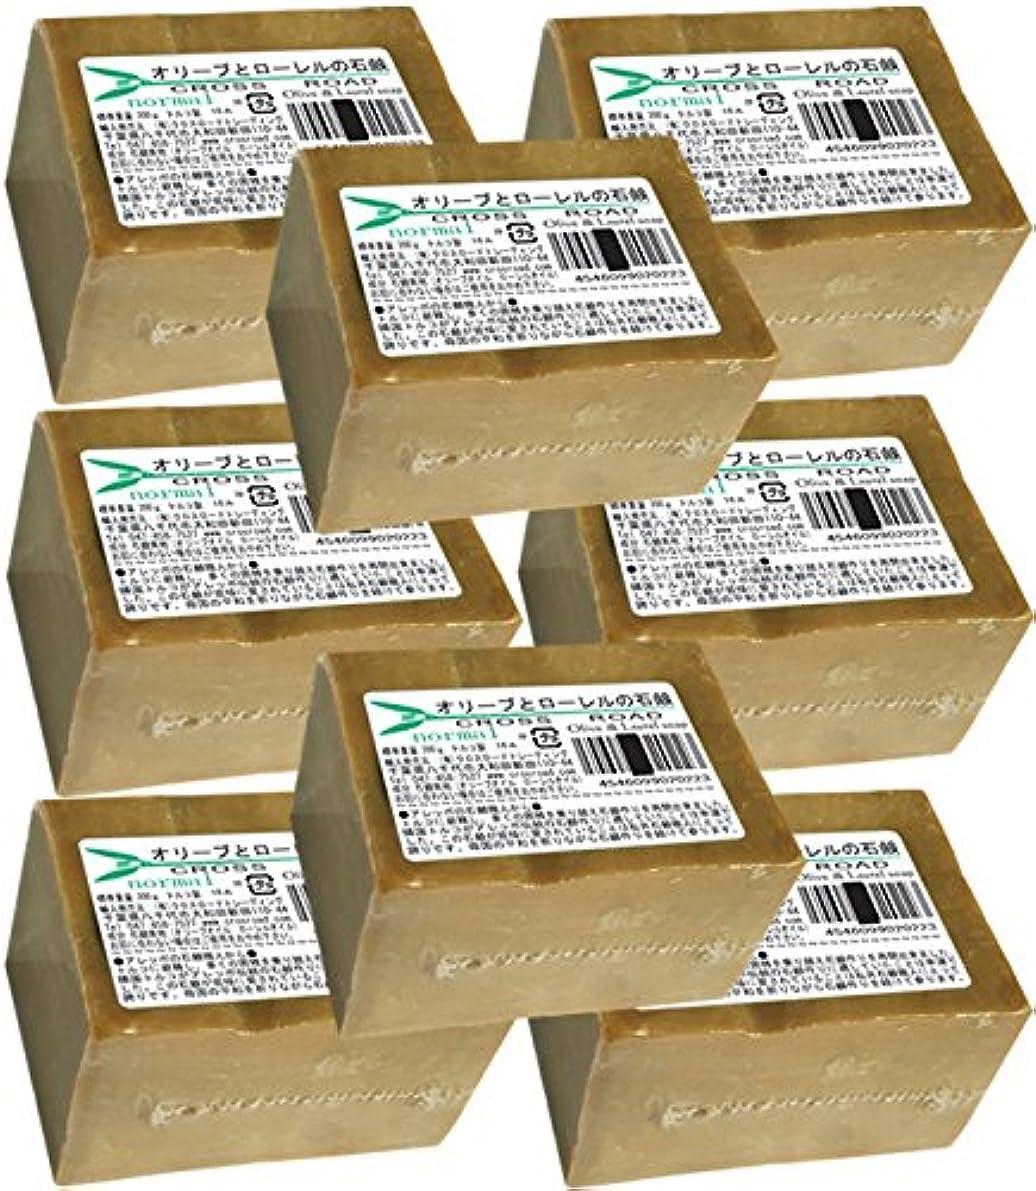 彫るなしで摘むオリーブとローレルの石鹸(ノーマル)8個セット[並行輸入品]